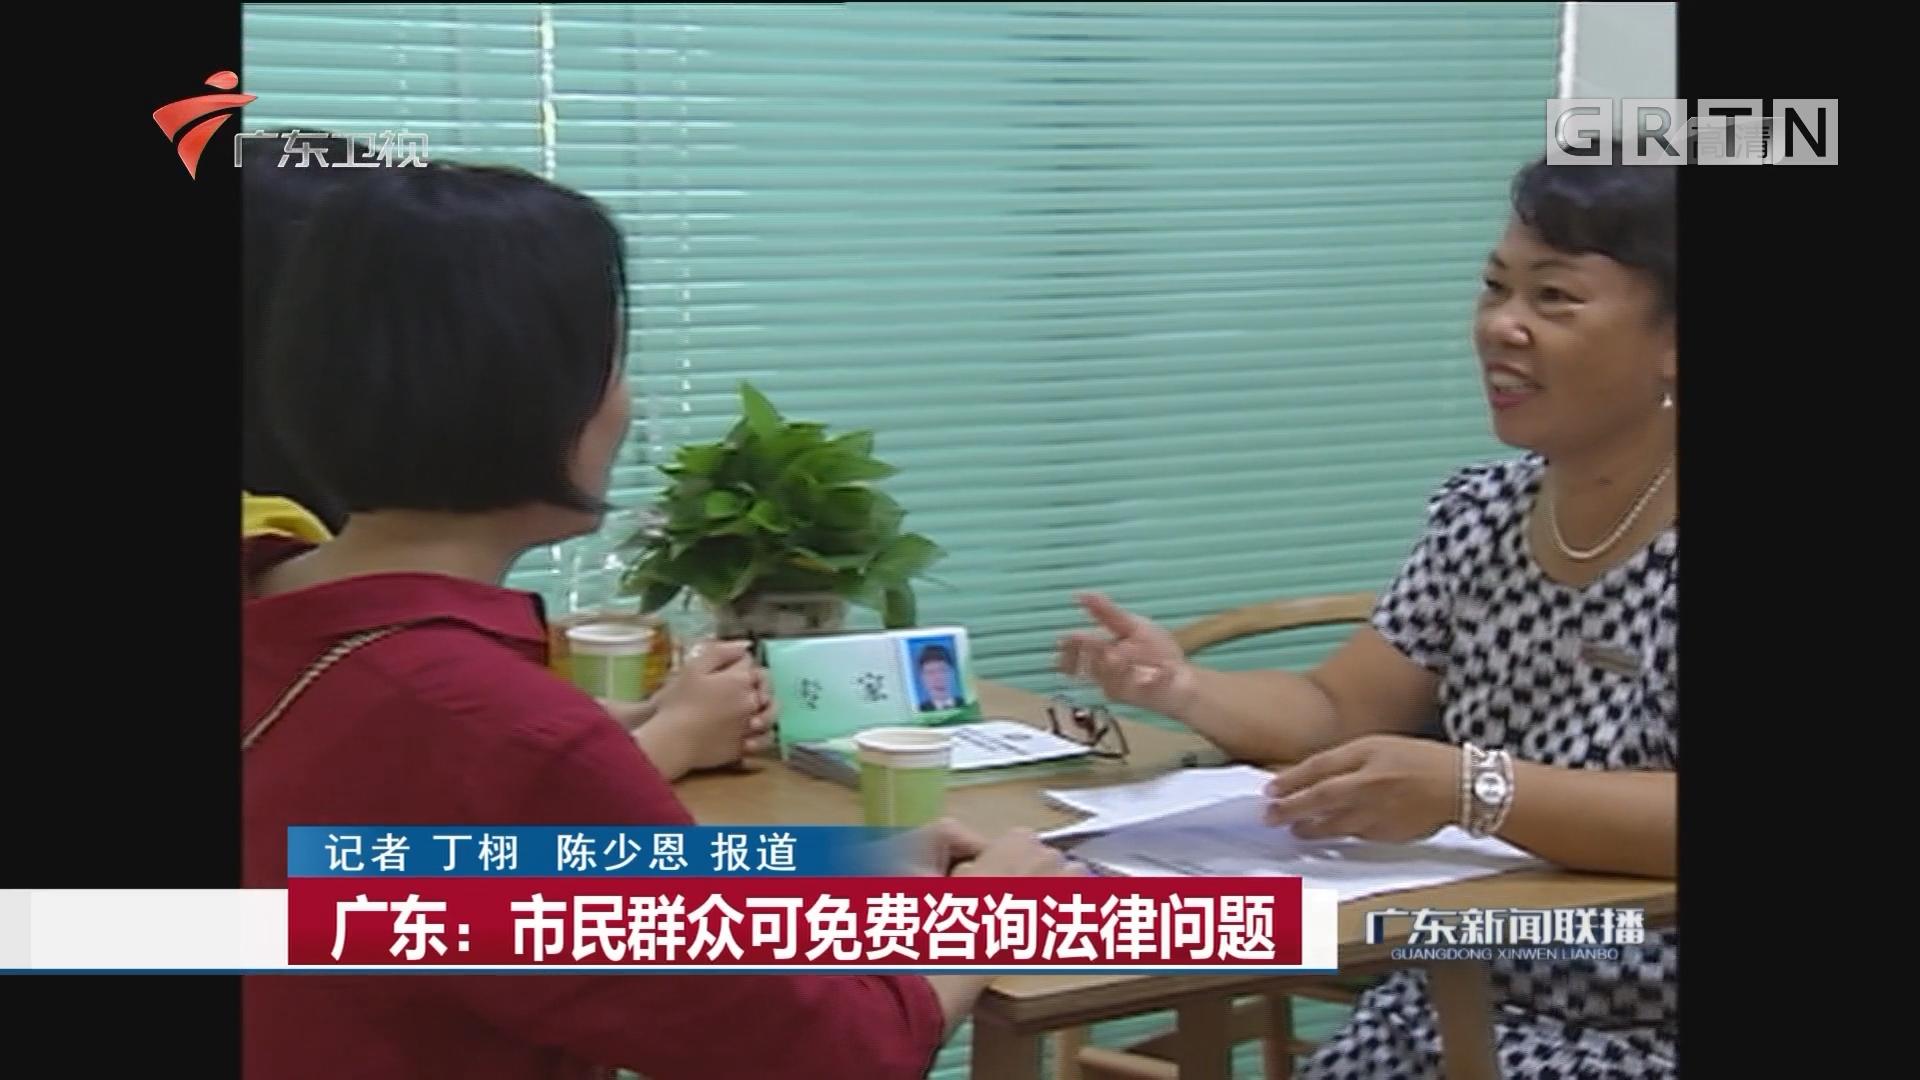 广东:市民群众可免费咨询法律问题